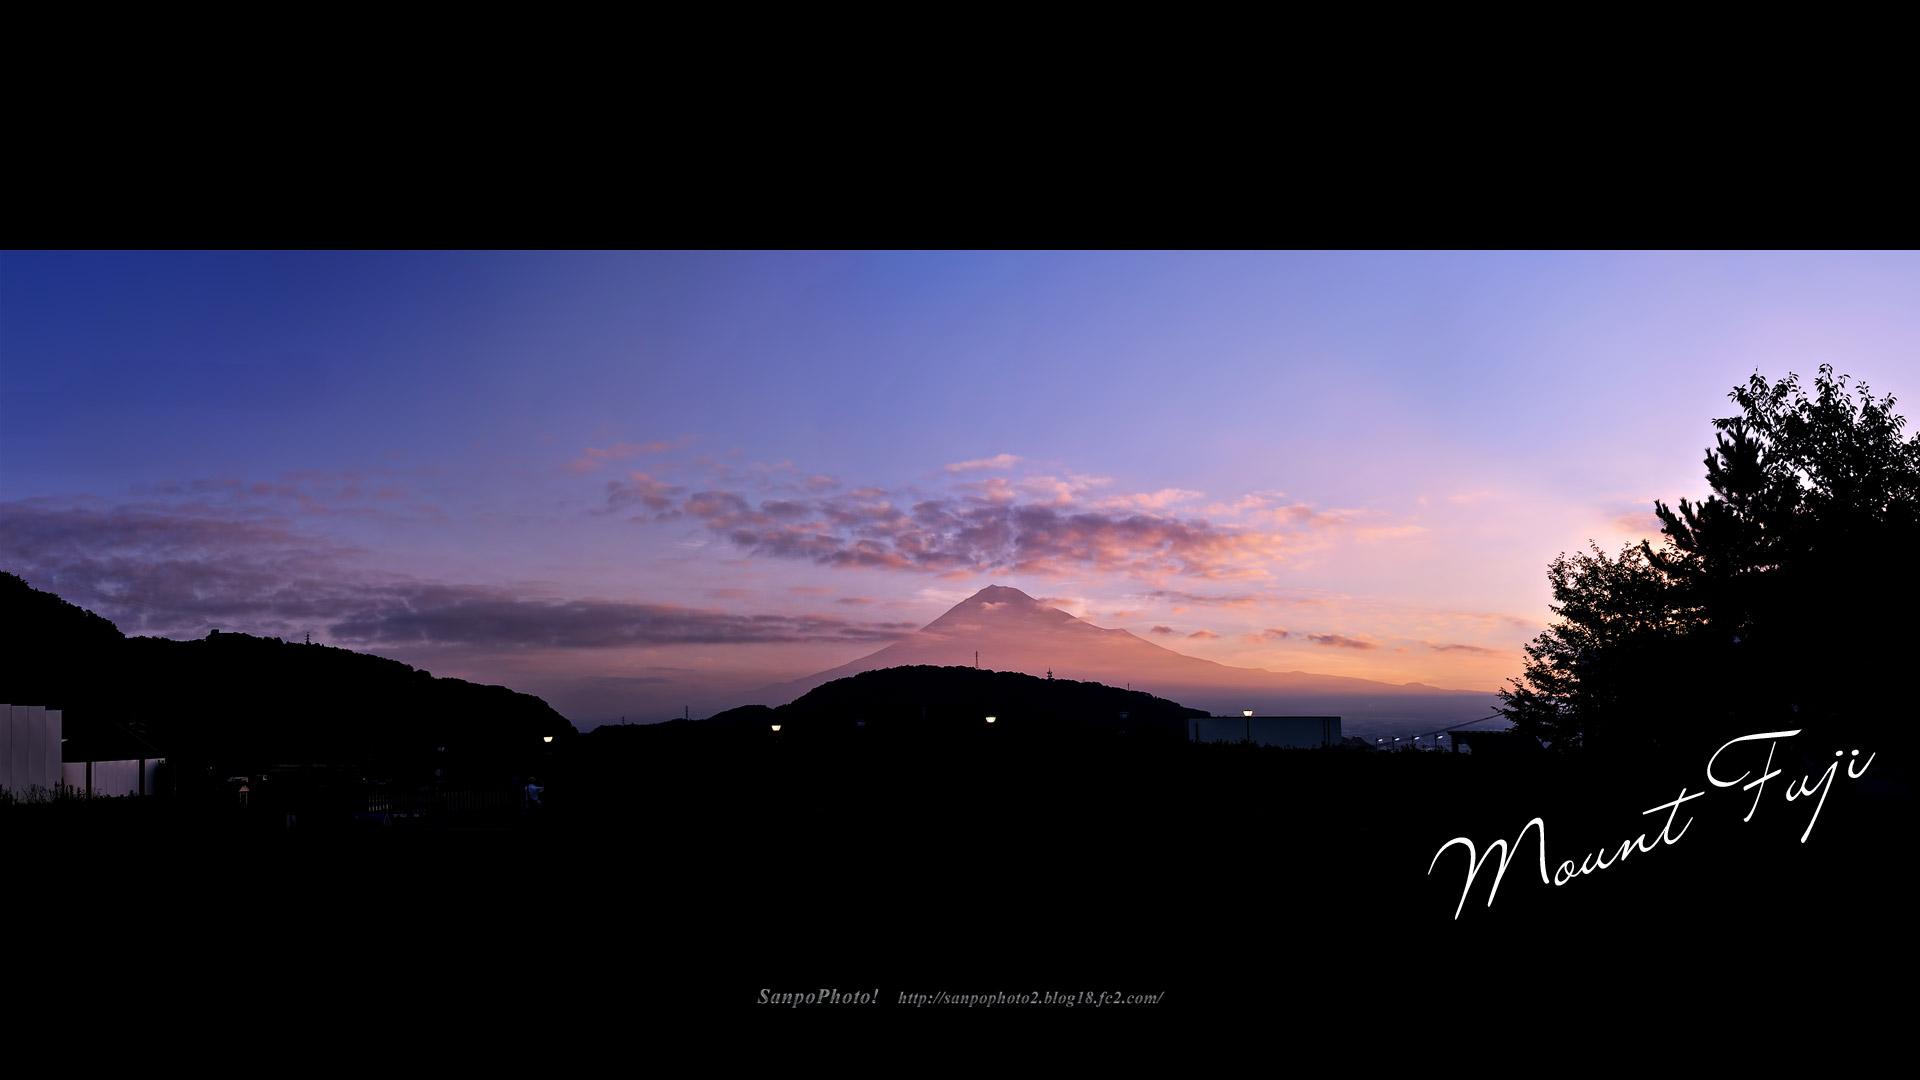 さんぽふぉと Sanpophoto 無料壁紙 朝焼けの富士山 パノラマ